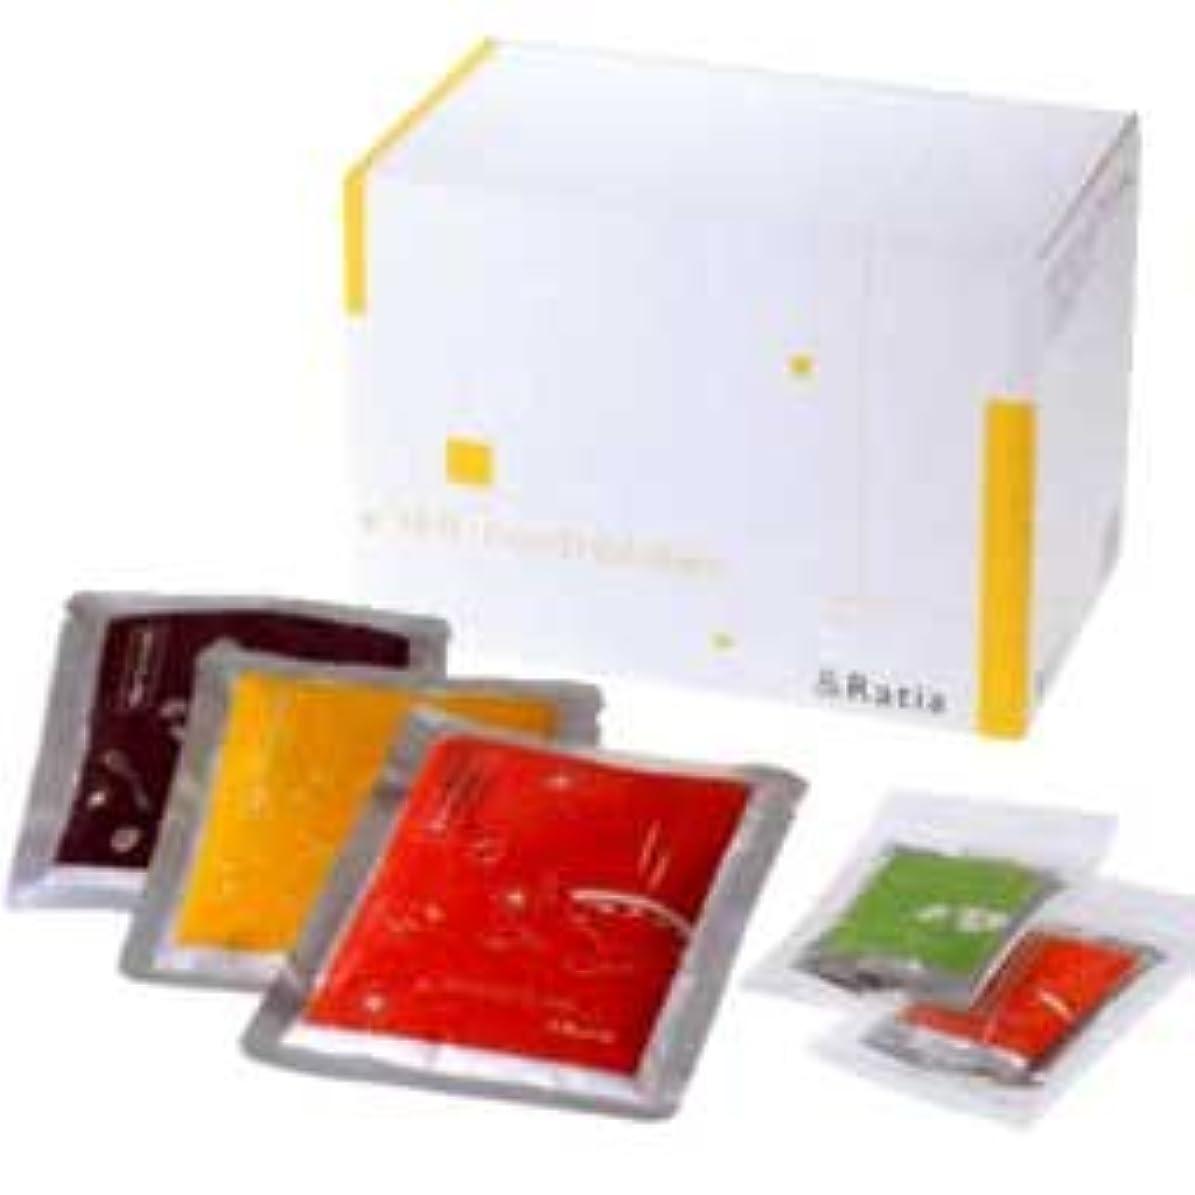 財布上昇封筒&Ratia セルフコントロールダイエット お粥3種14袋+スパイス2種14包